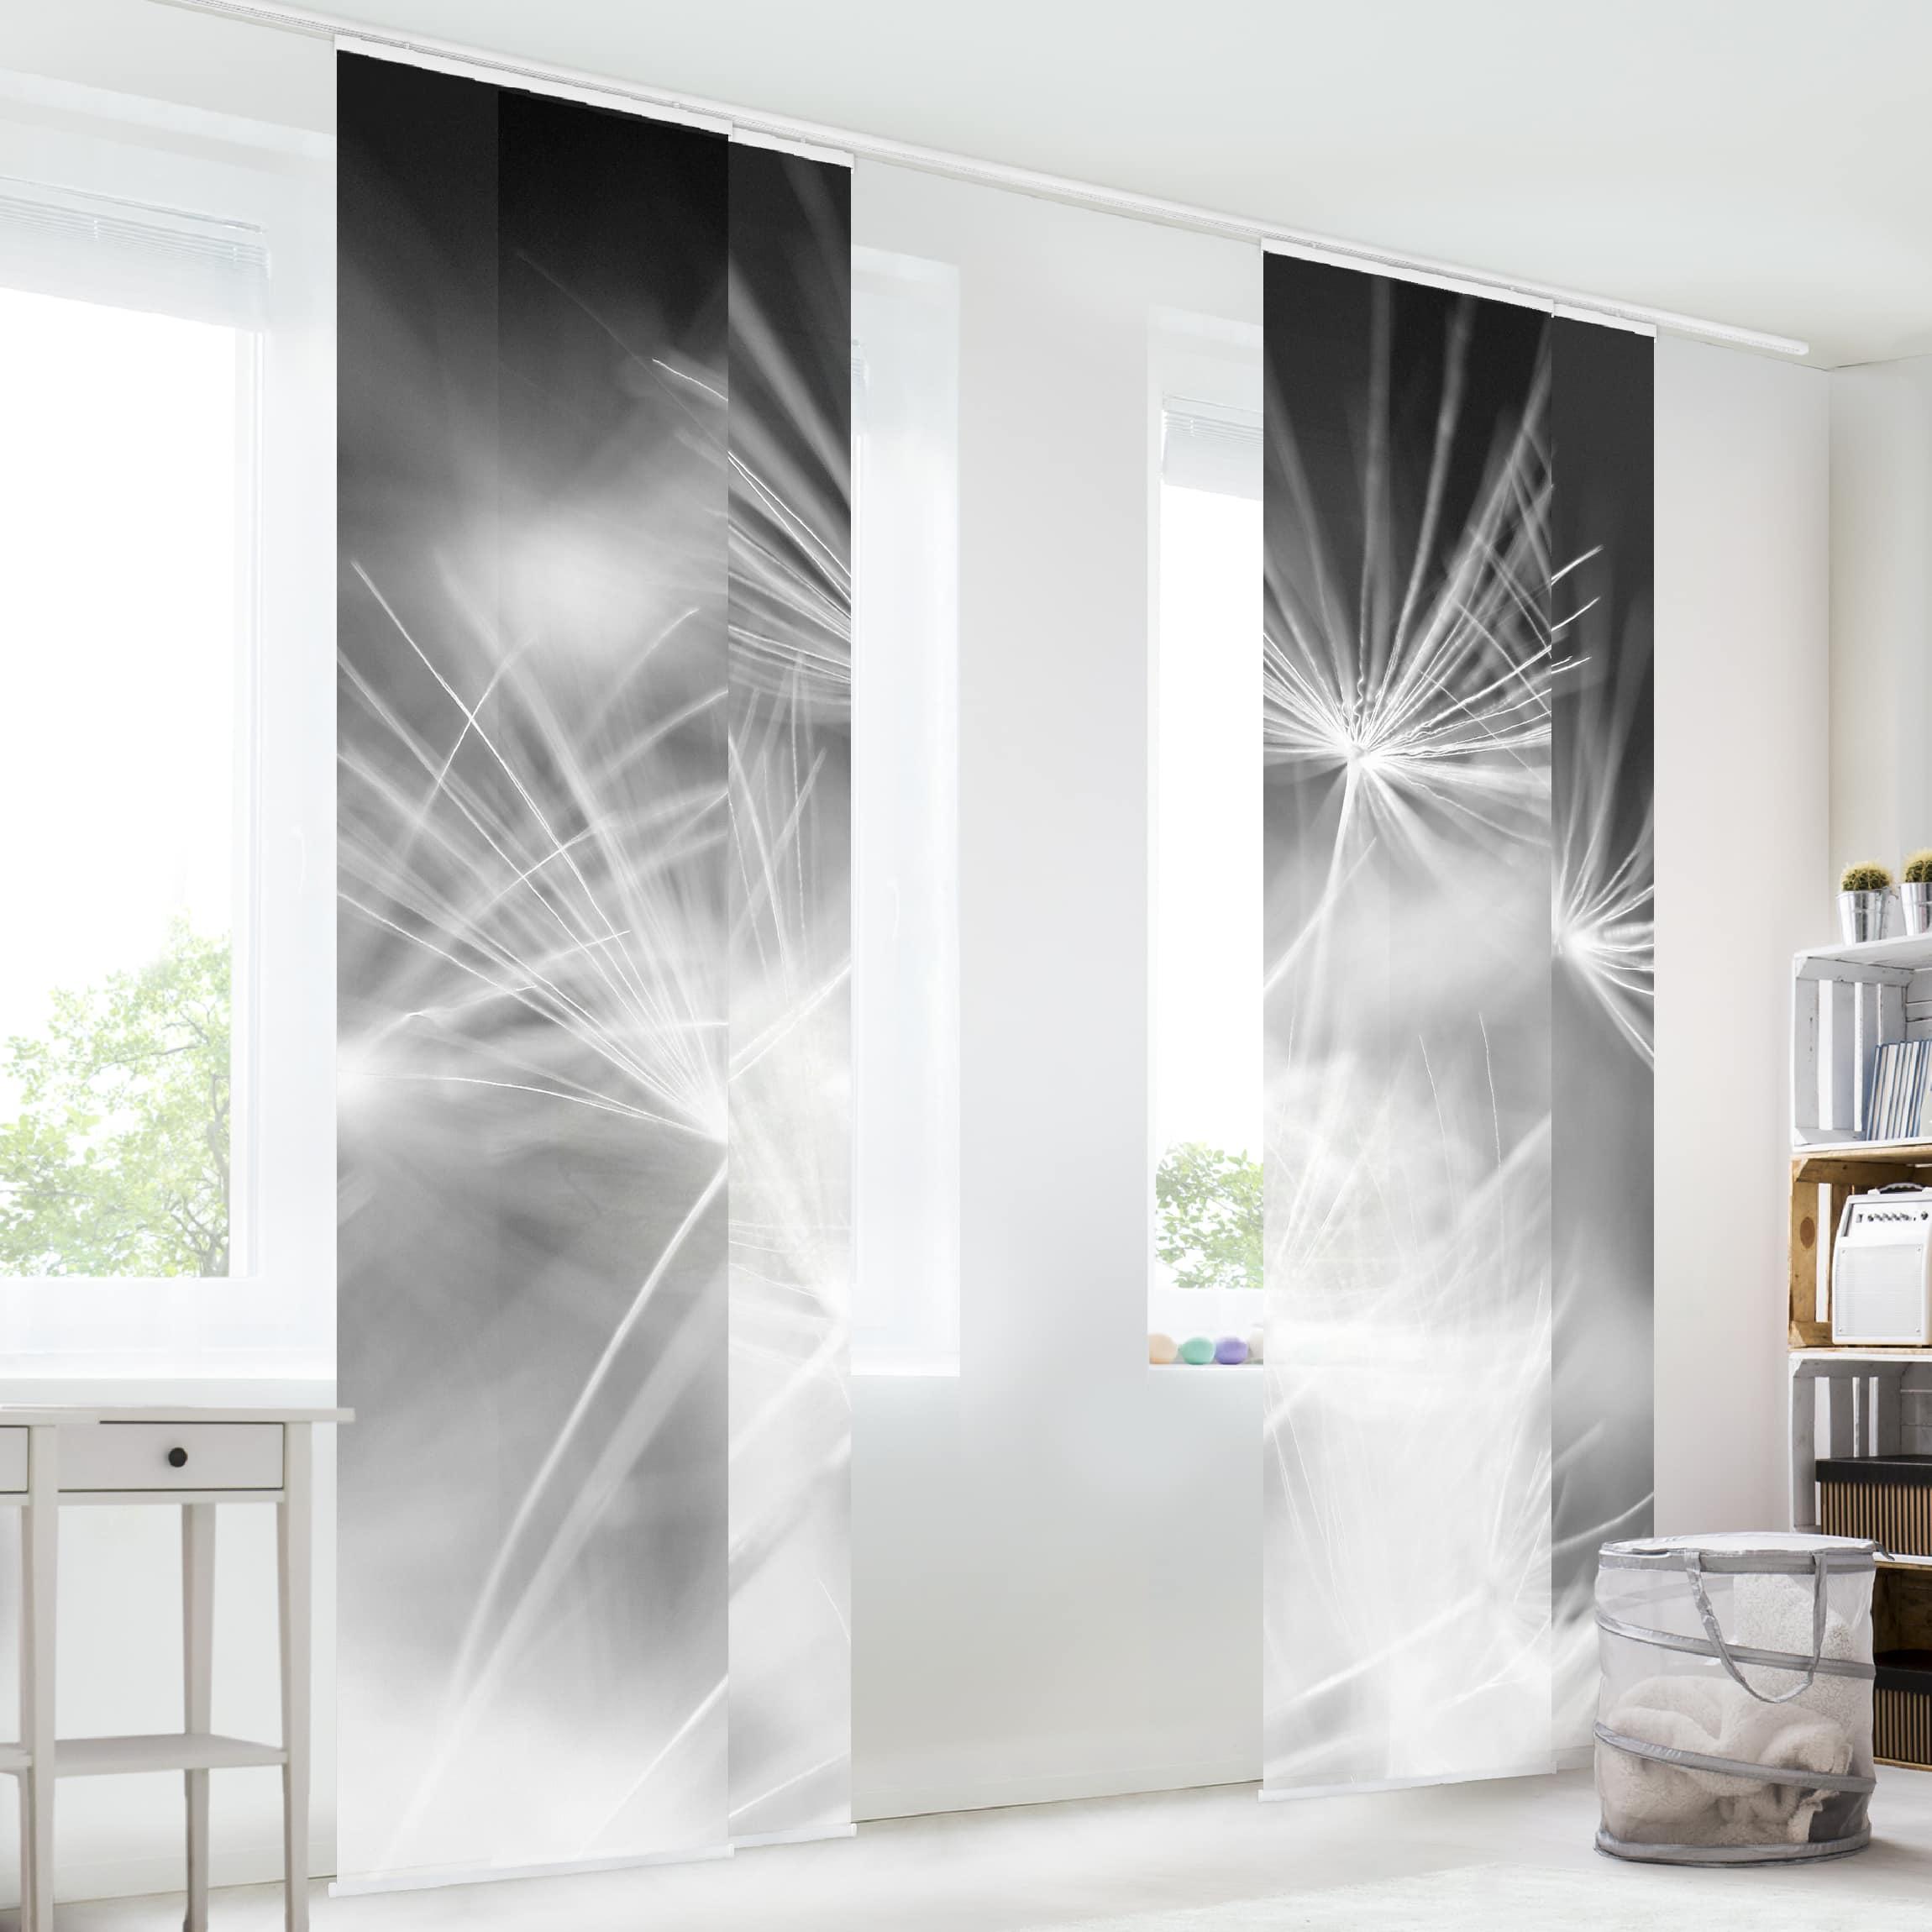 schiebegardinen set bewegte pusteblumen nahaufnahme auf. Black Bedroom Furniture Sets. Home Design Ideas